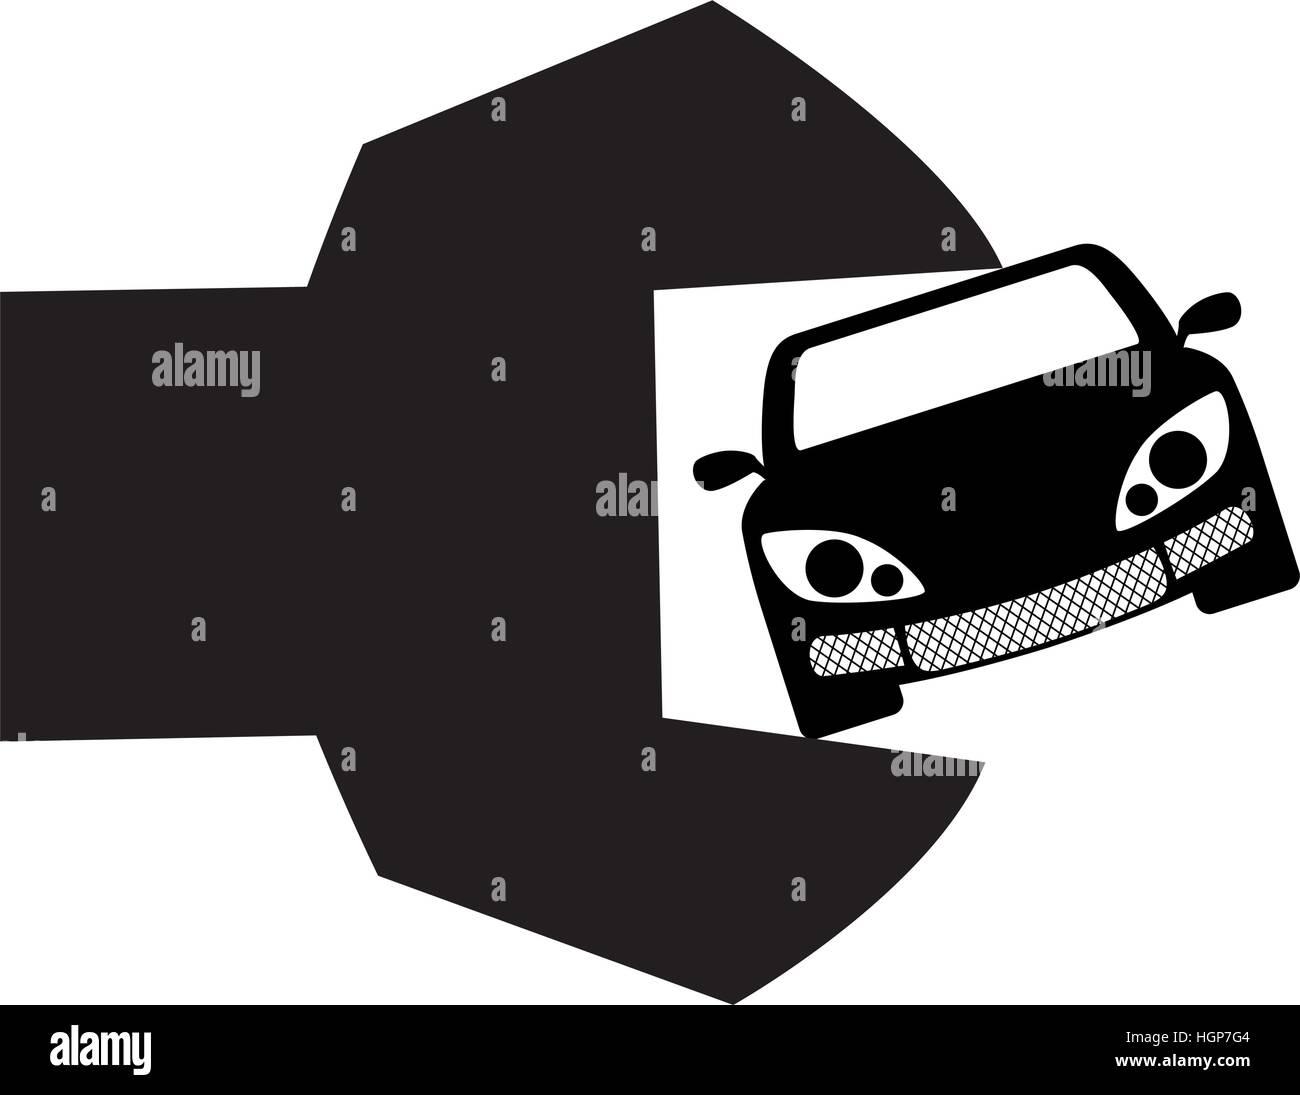 Design car repair workshop - Stock Vector Car Repair Workshop Emblem Icon Image Vector Illustration Design